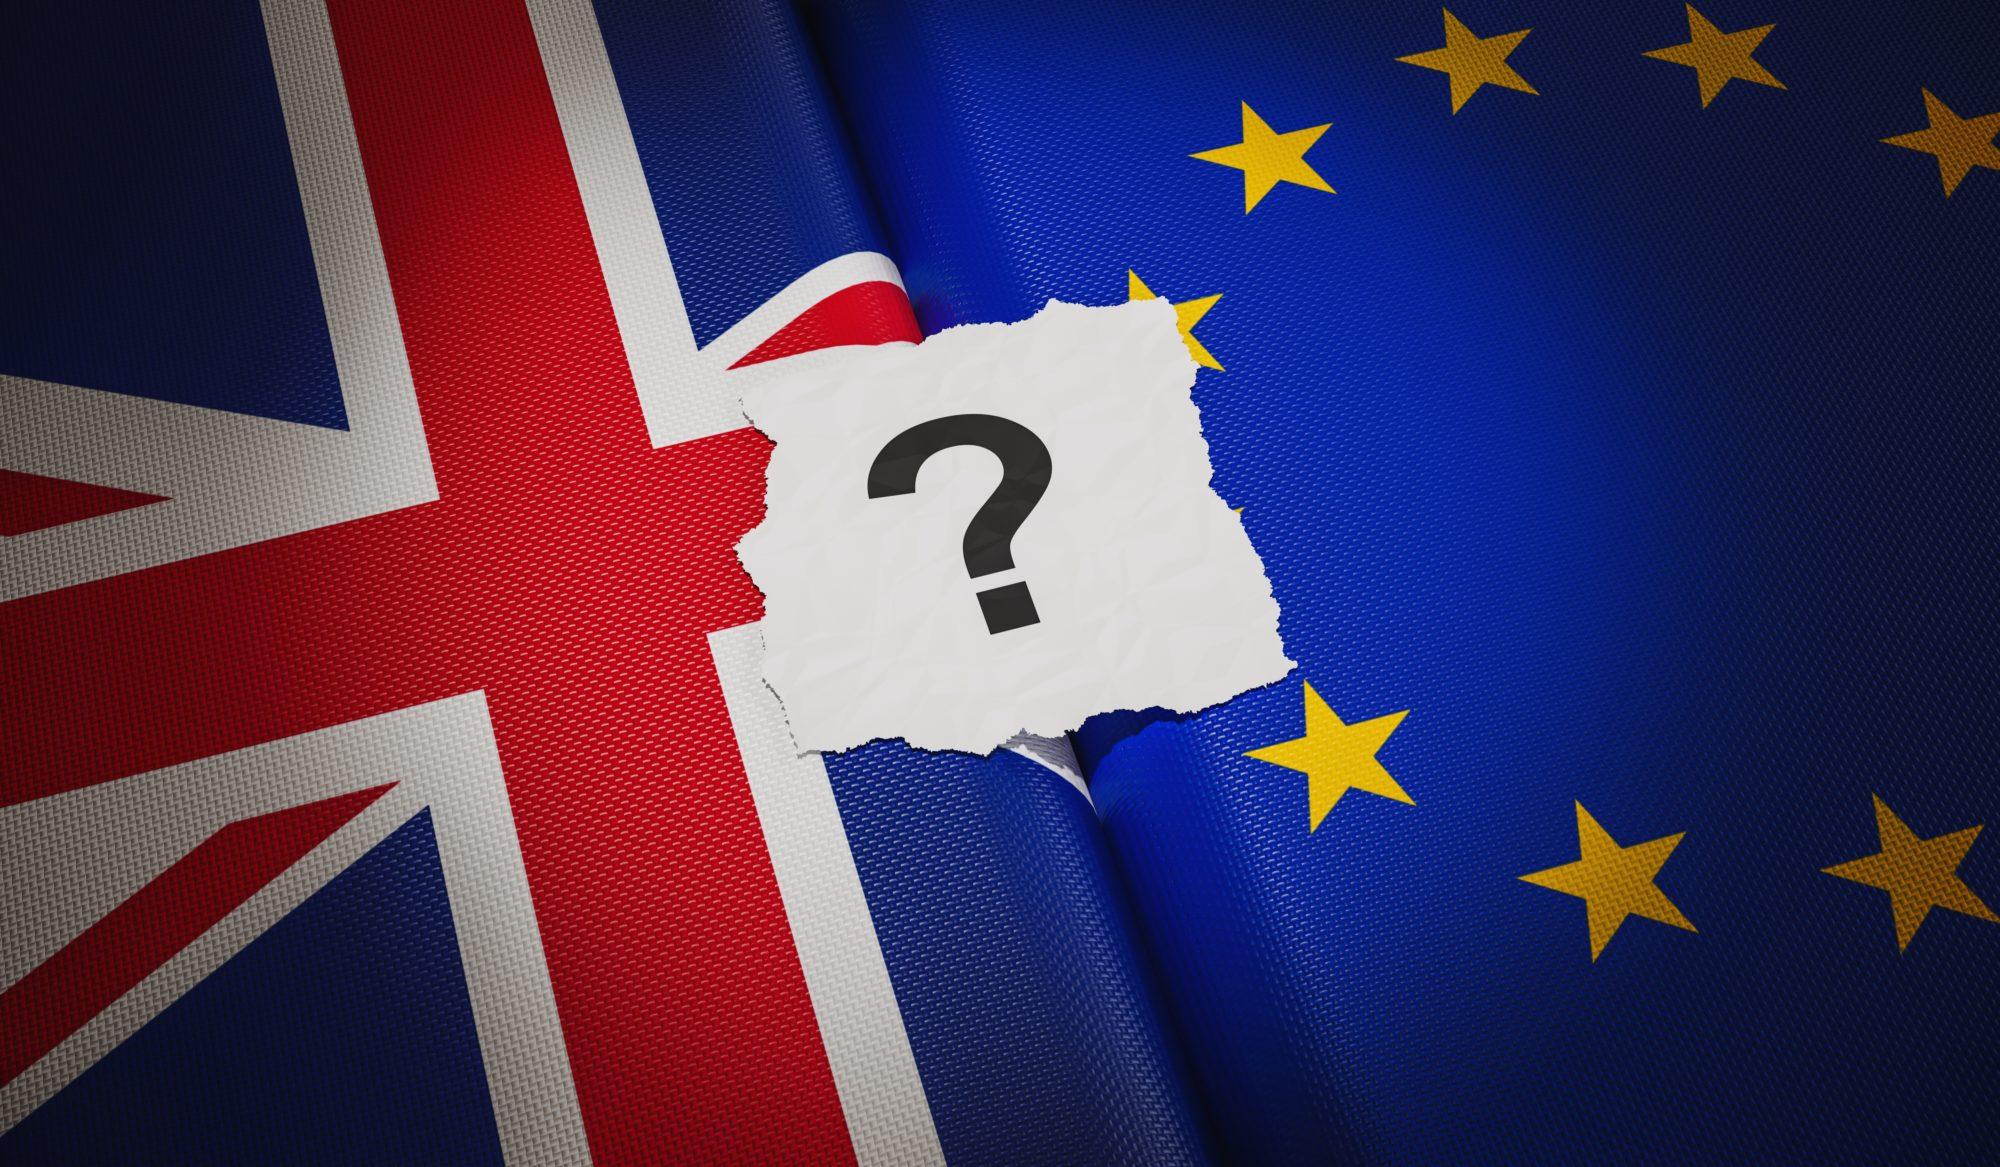 ROUNDUP: London schickt keinen neuen EU-Kommissar - Hürde für von der Leyen ()